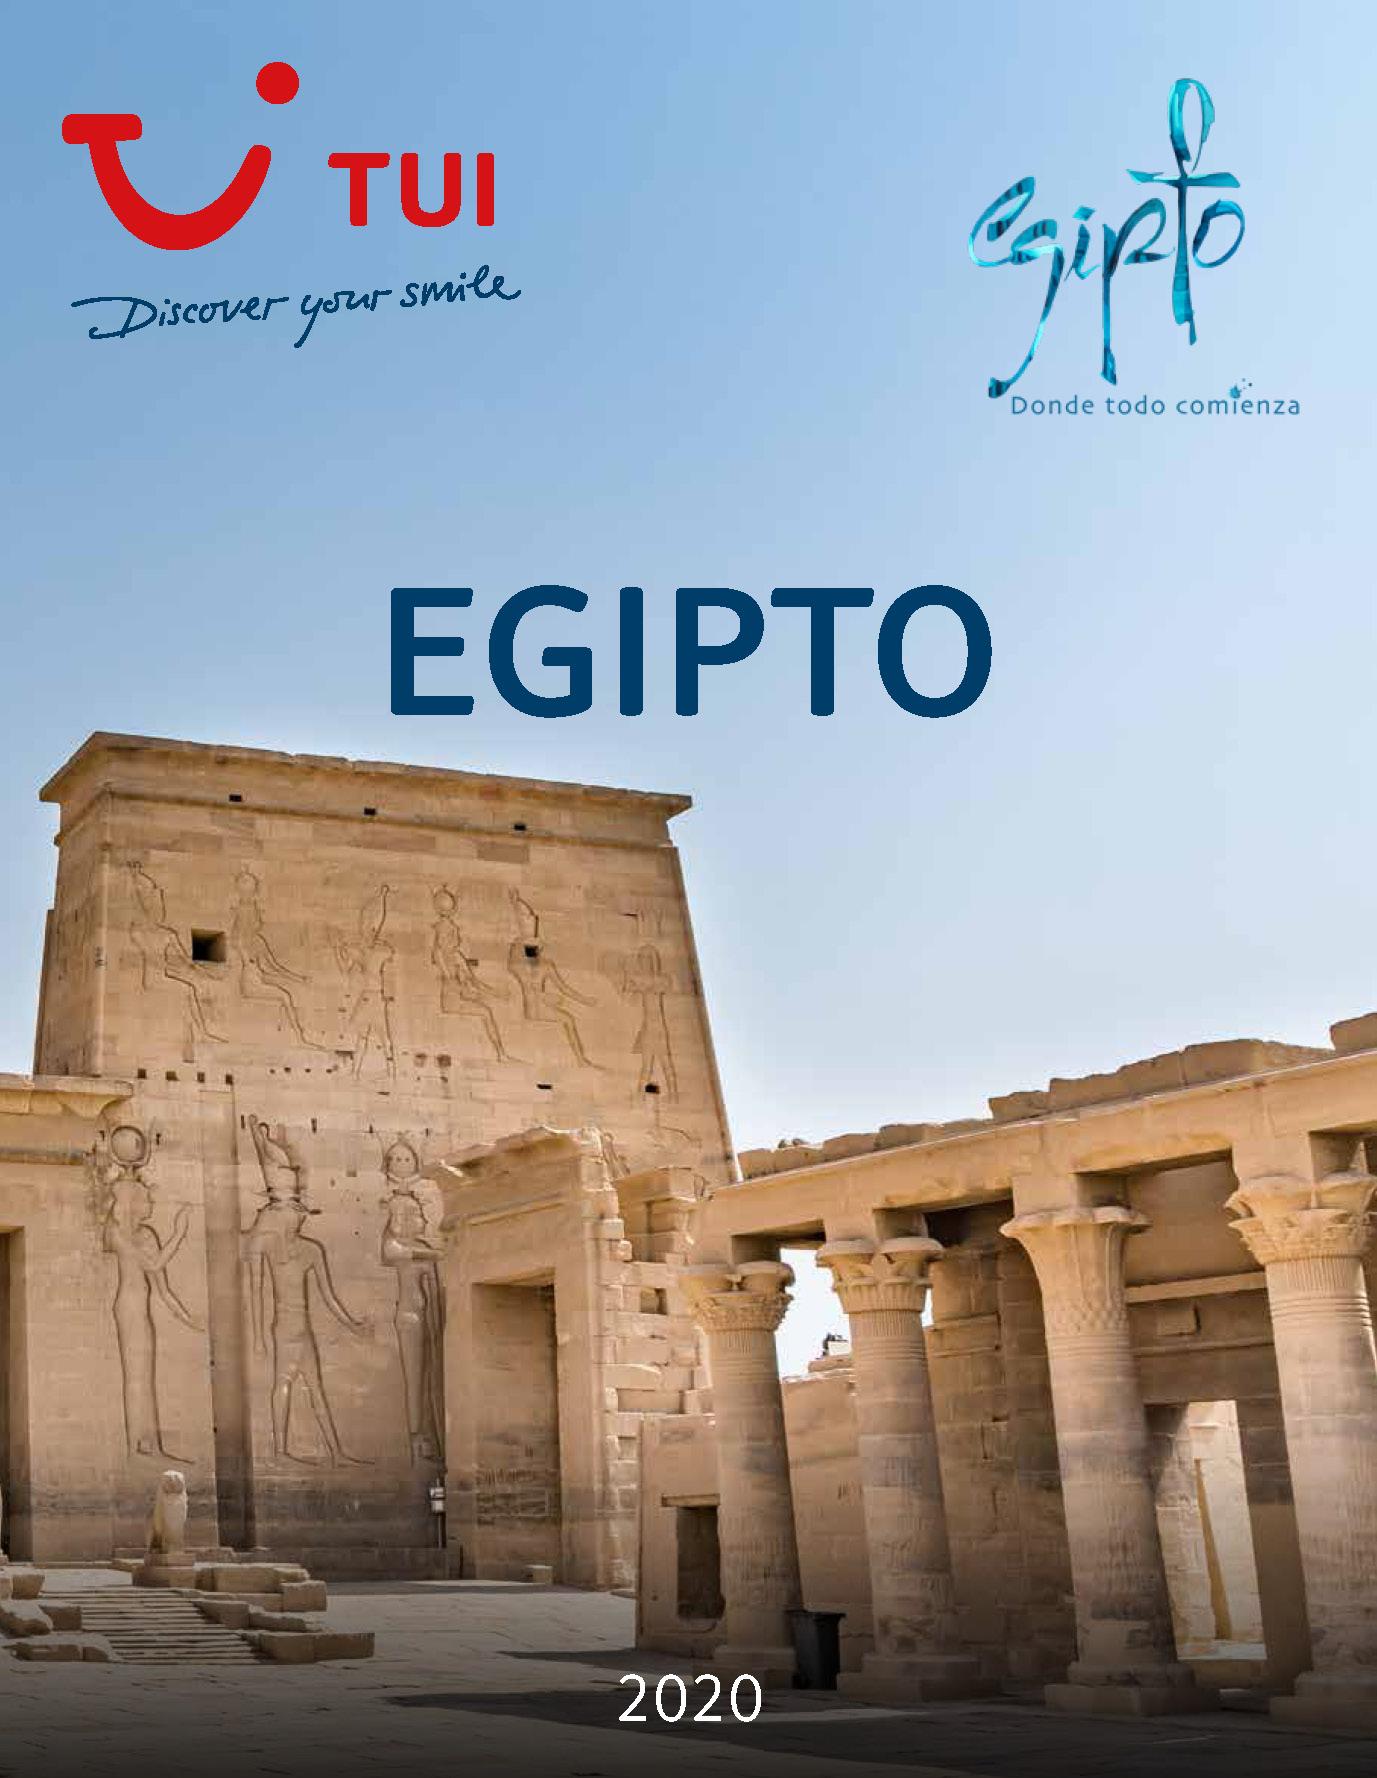 Catalogo TUI Egipto 2020